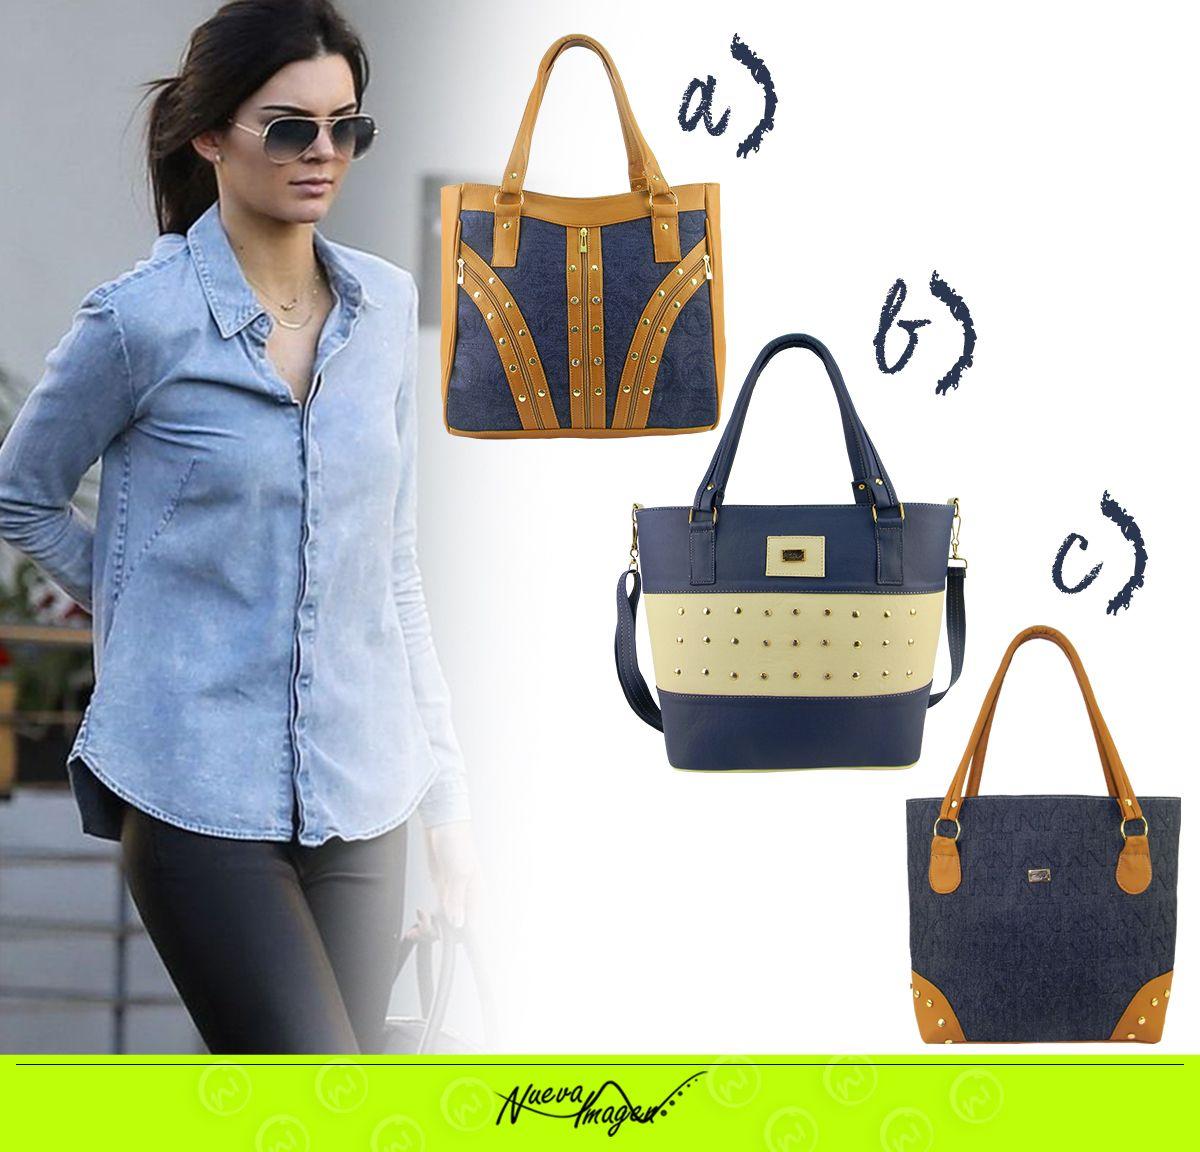 ¿Con cuál de nuestras bolsas combinarías este look? ¡Comenta! :)